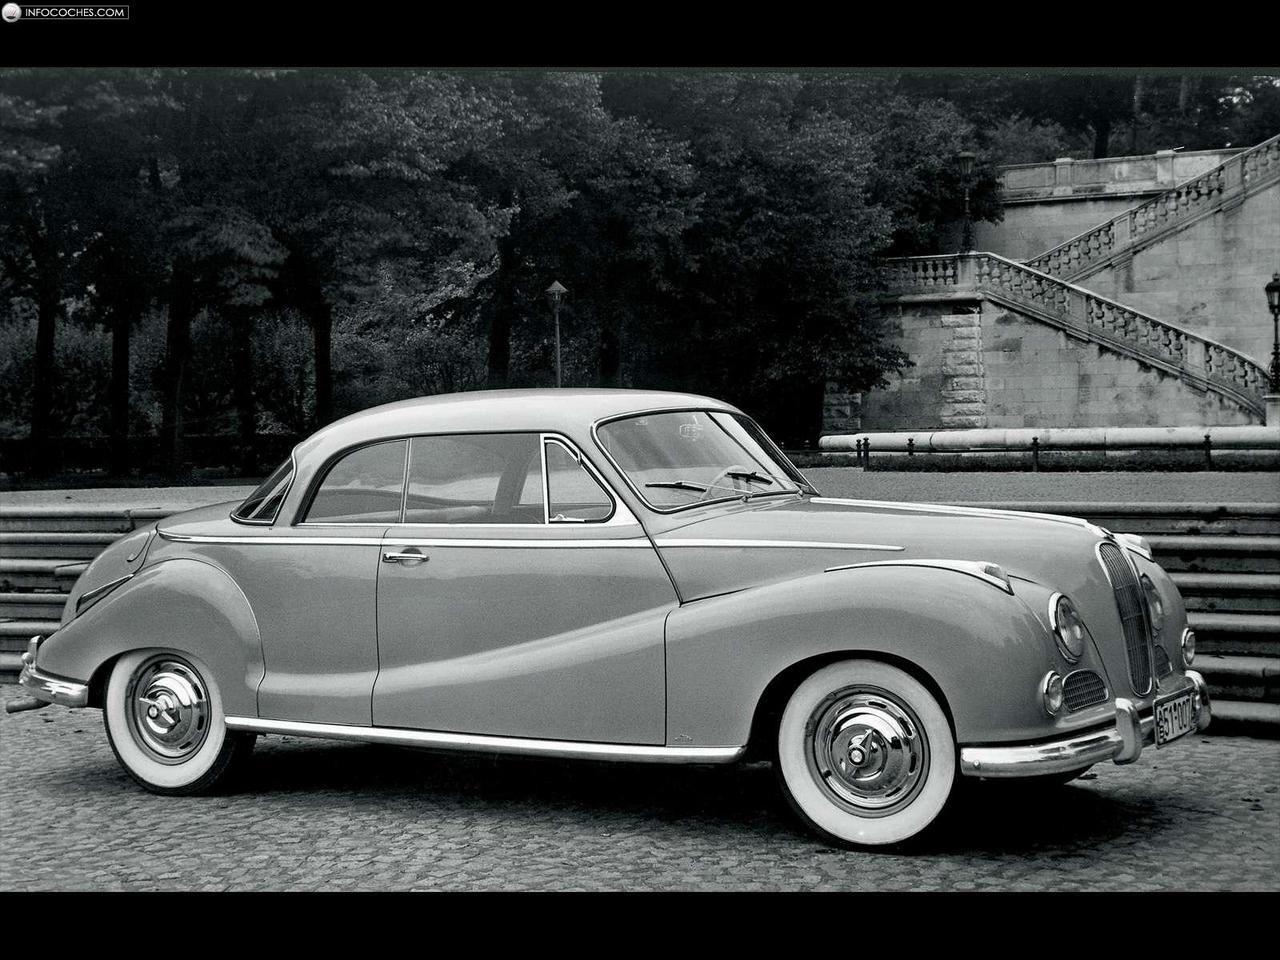 Fotos del BMW 502 Coupe - 1 / 1